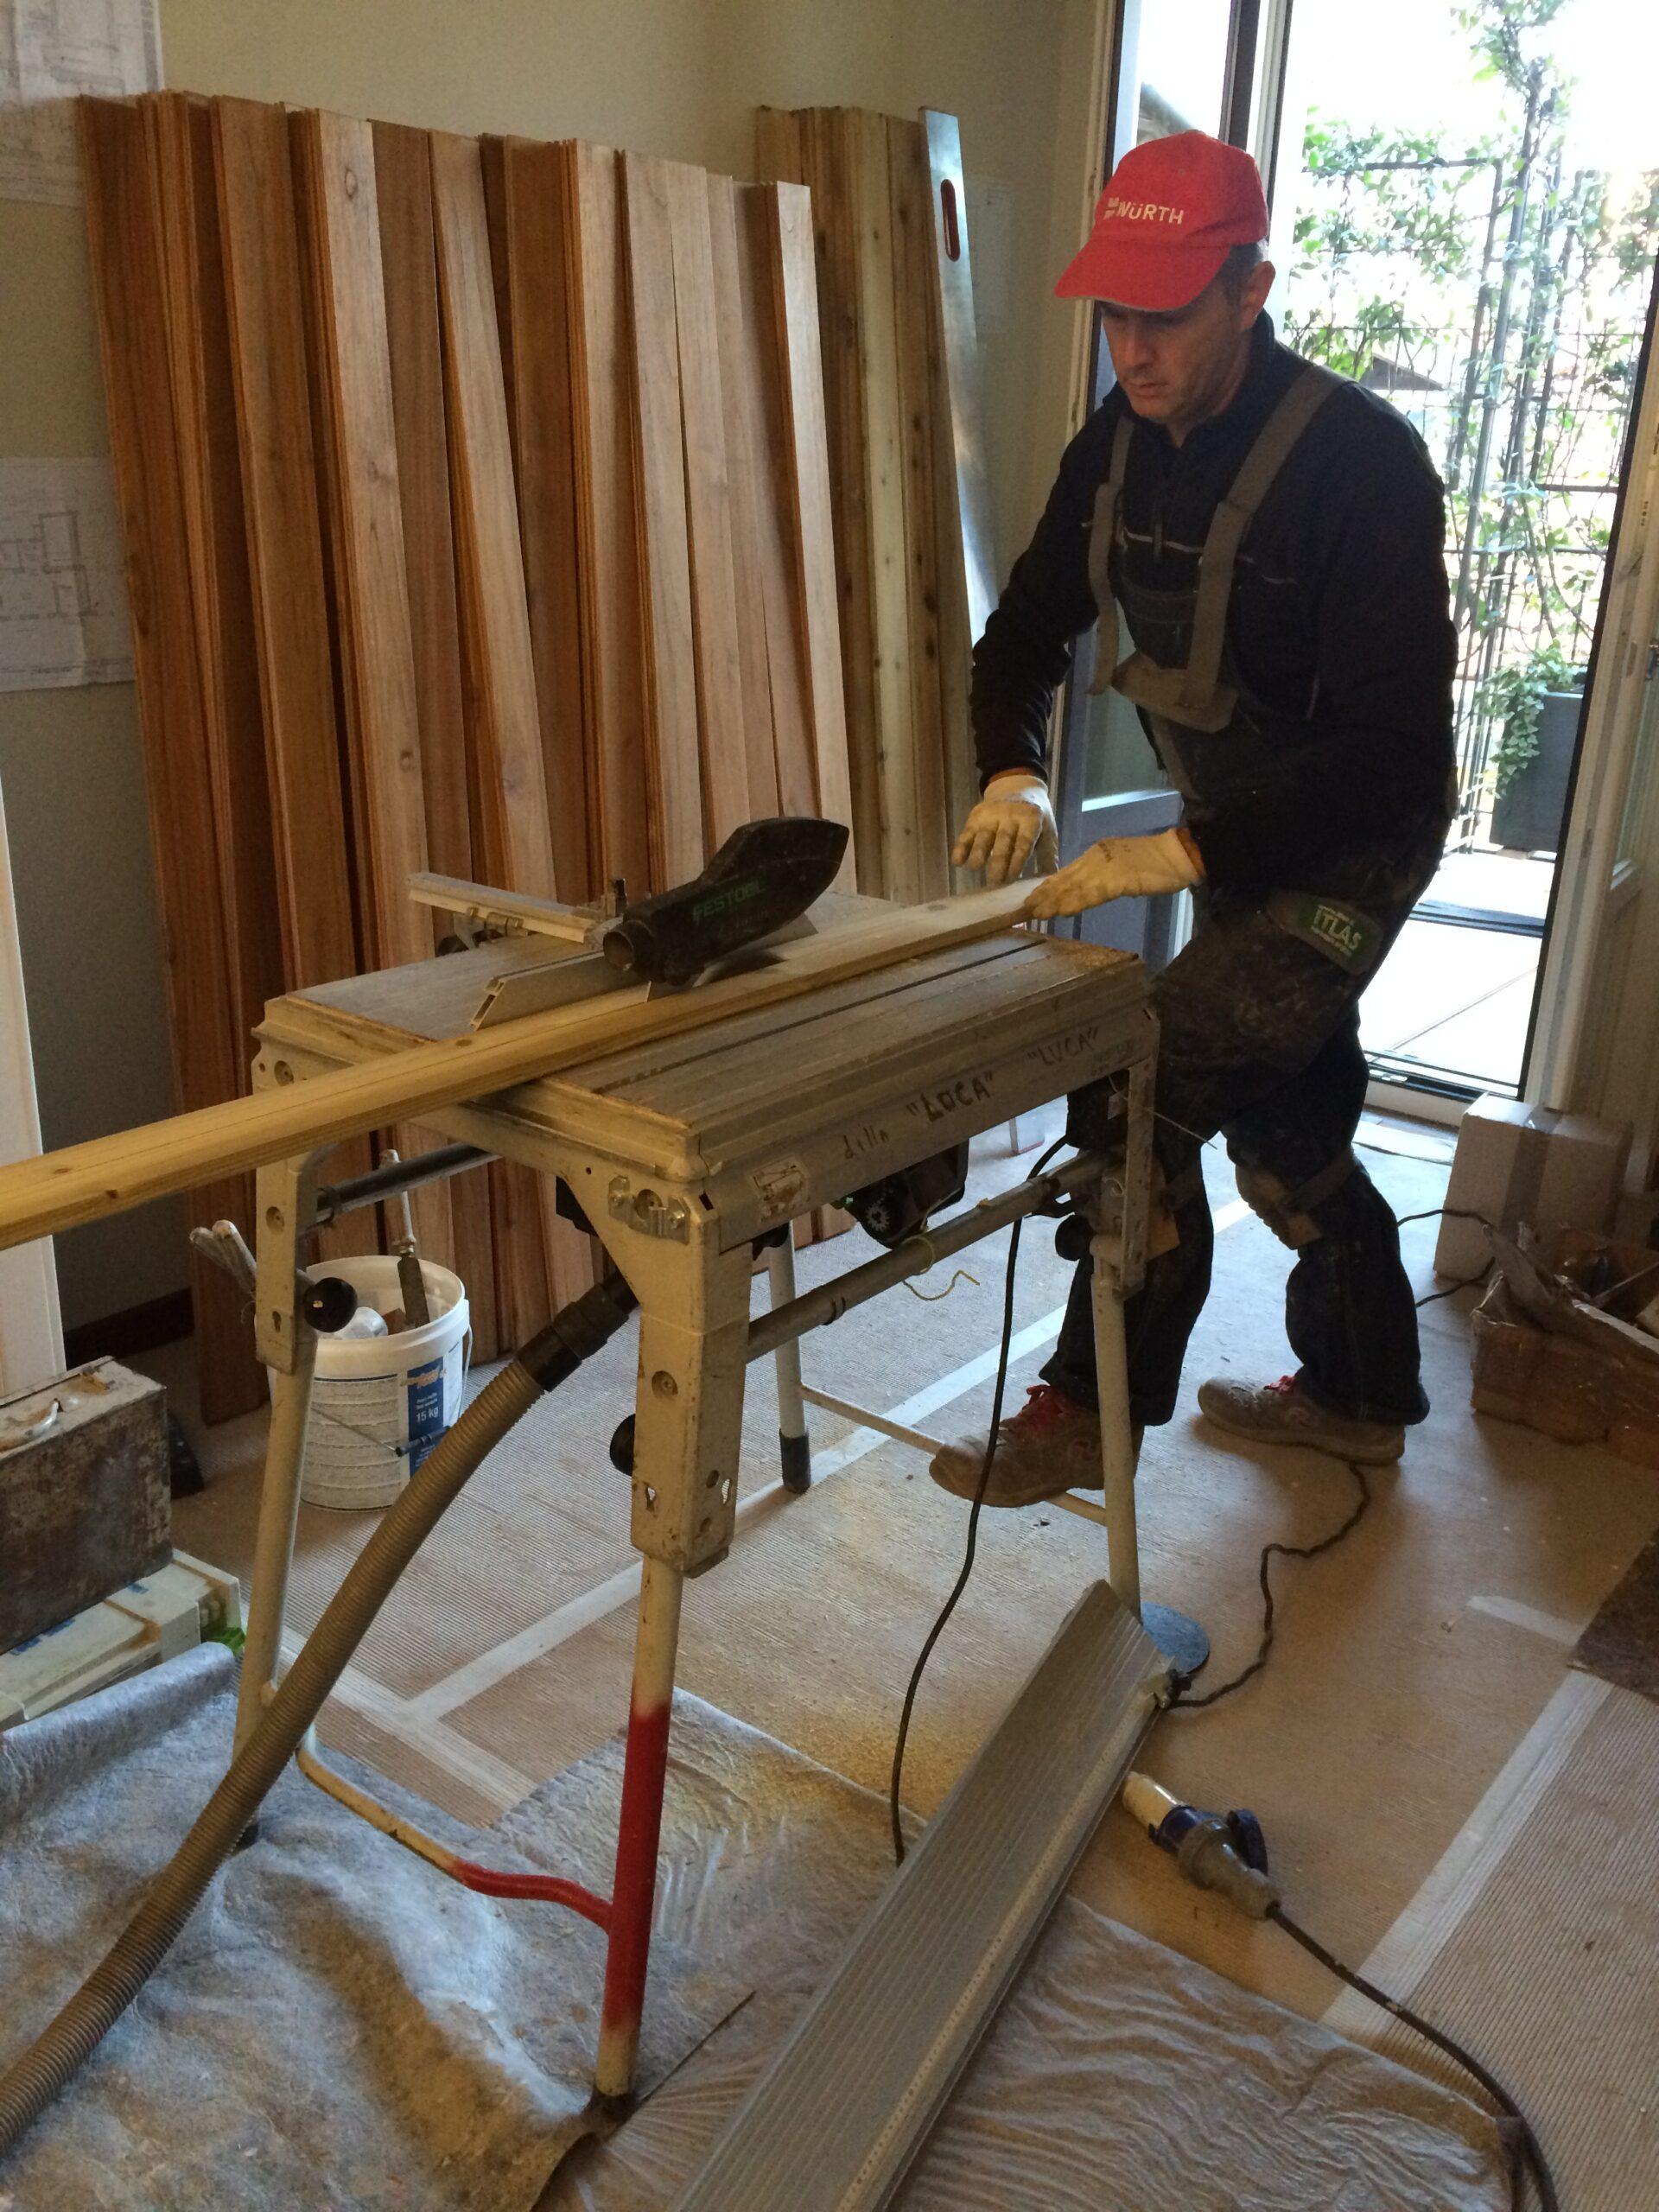 8. Taglio doghe di legno con macchina troncatrice radiale elettrica: lavori in corso.